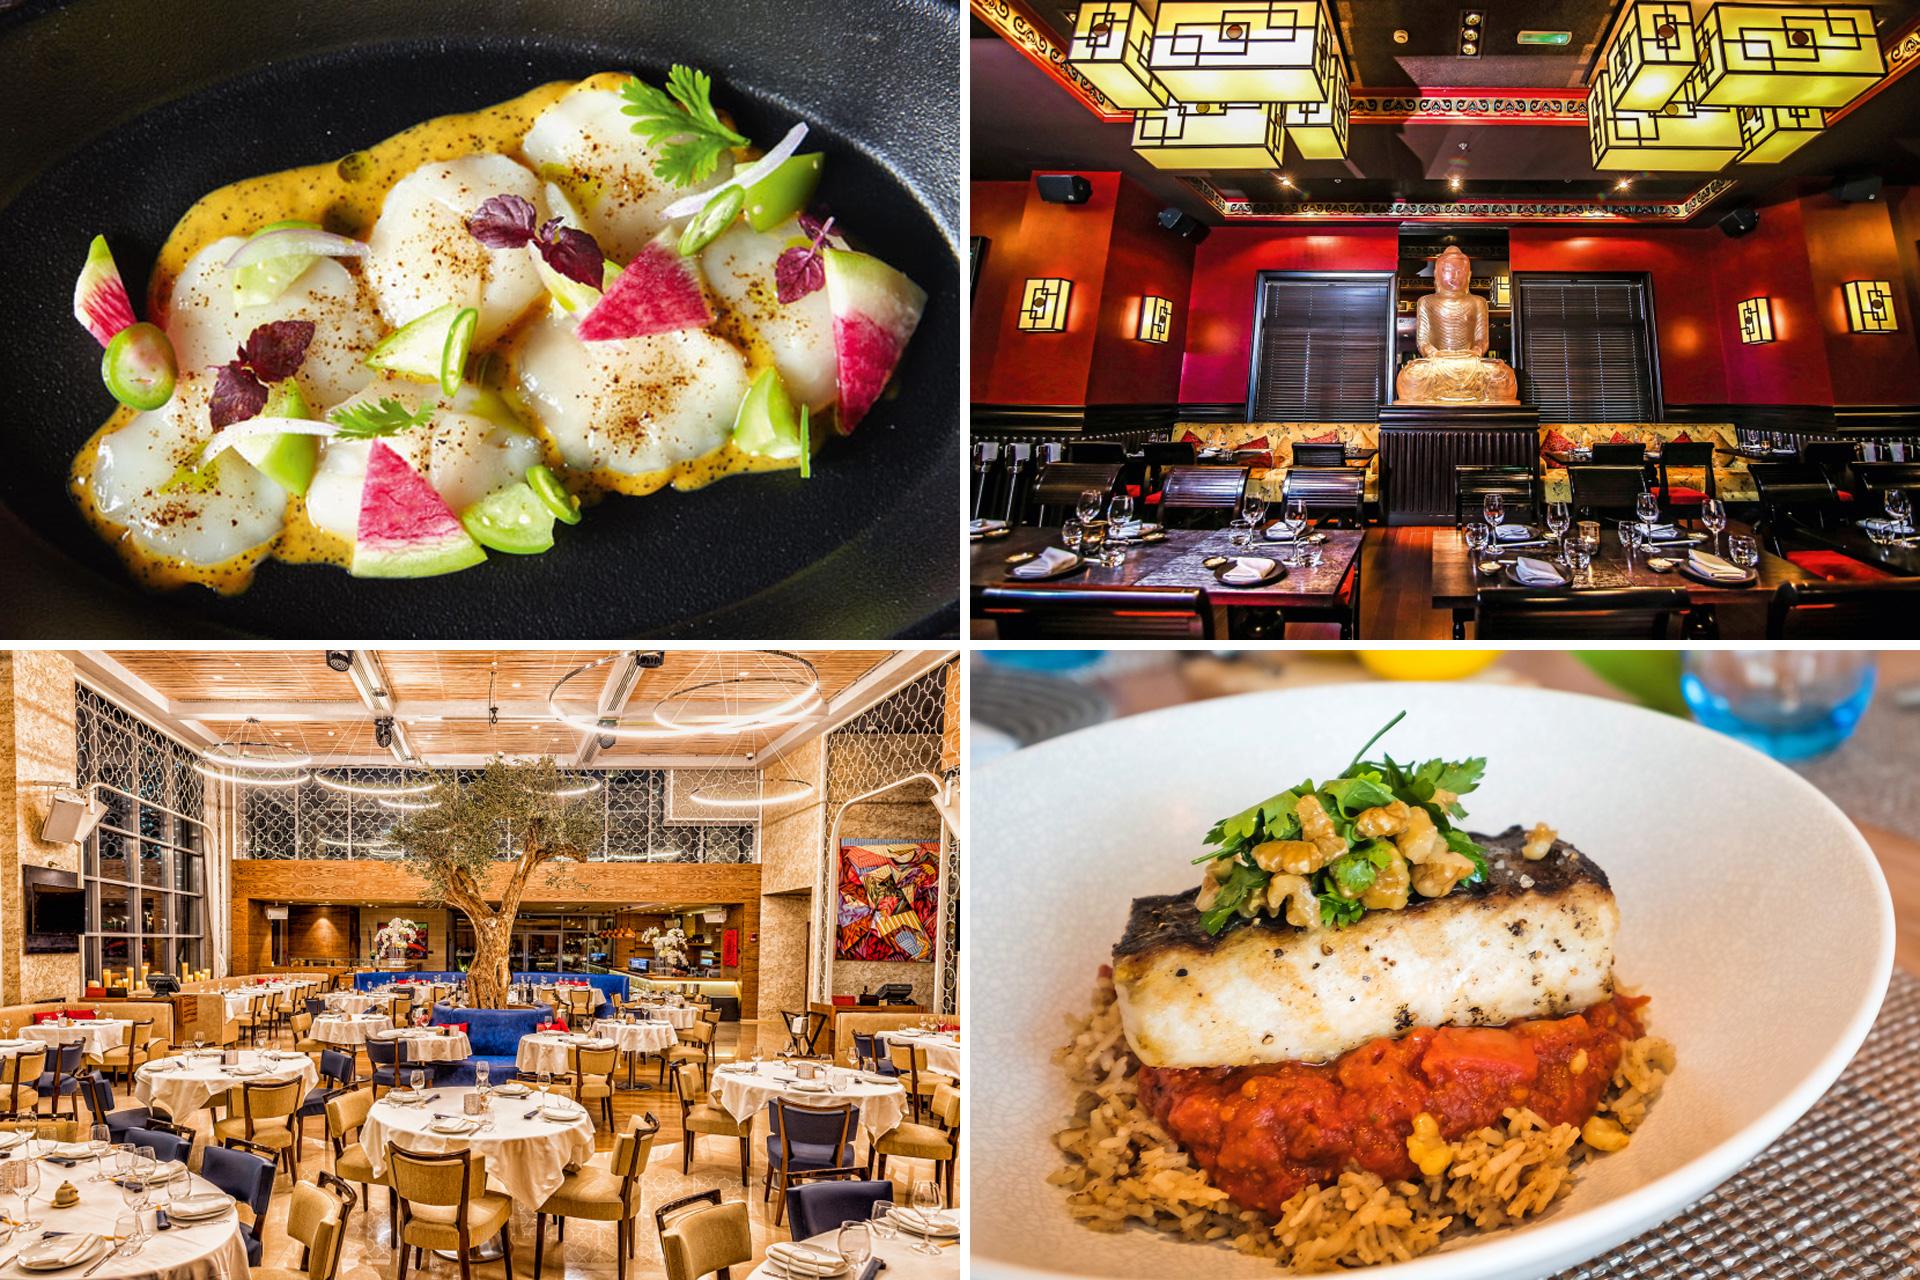 أفضل المطاعم التي ينصح في دبي المحلى